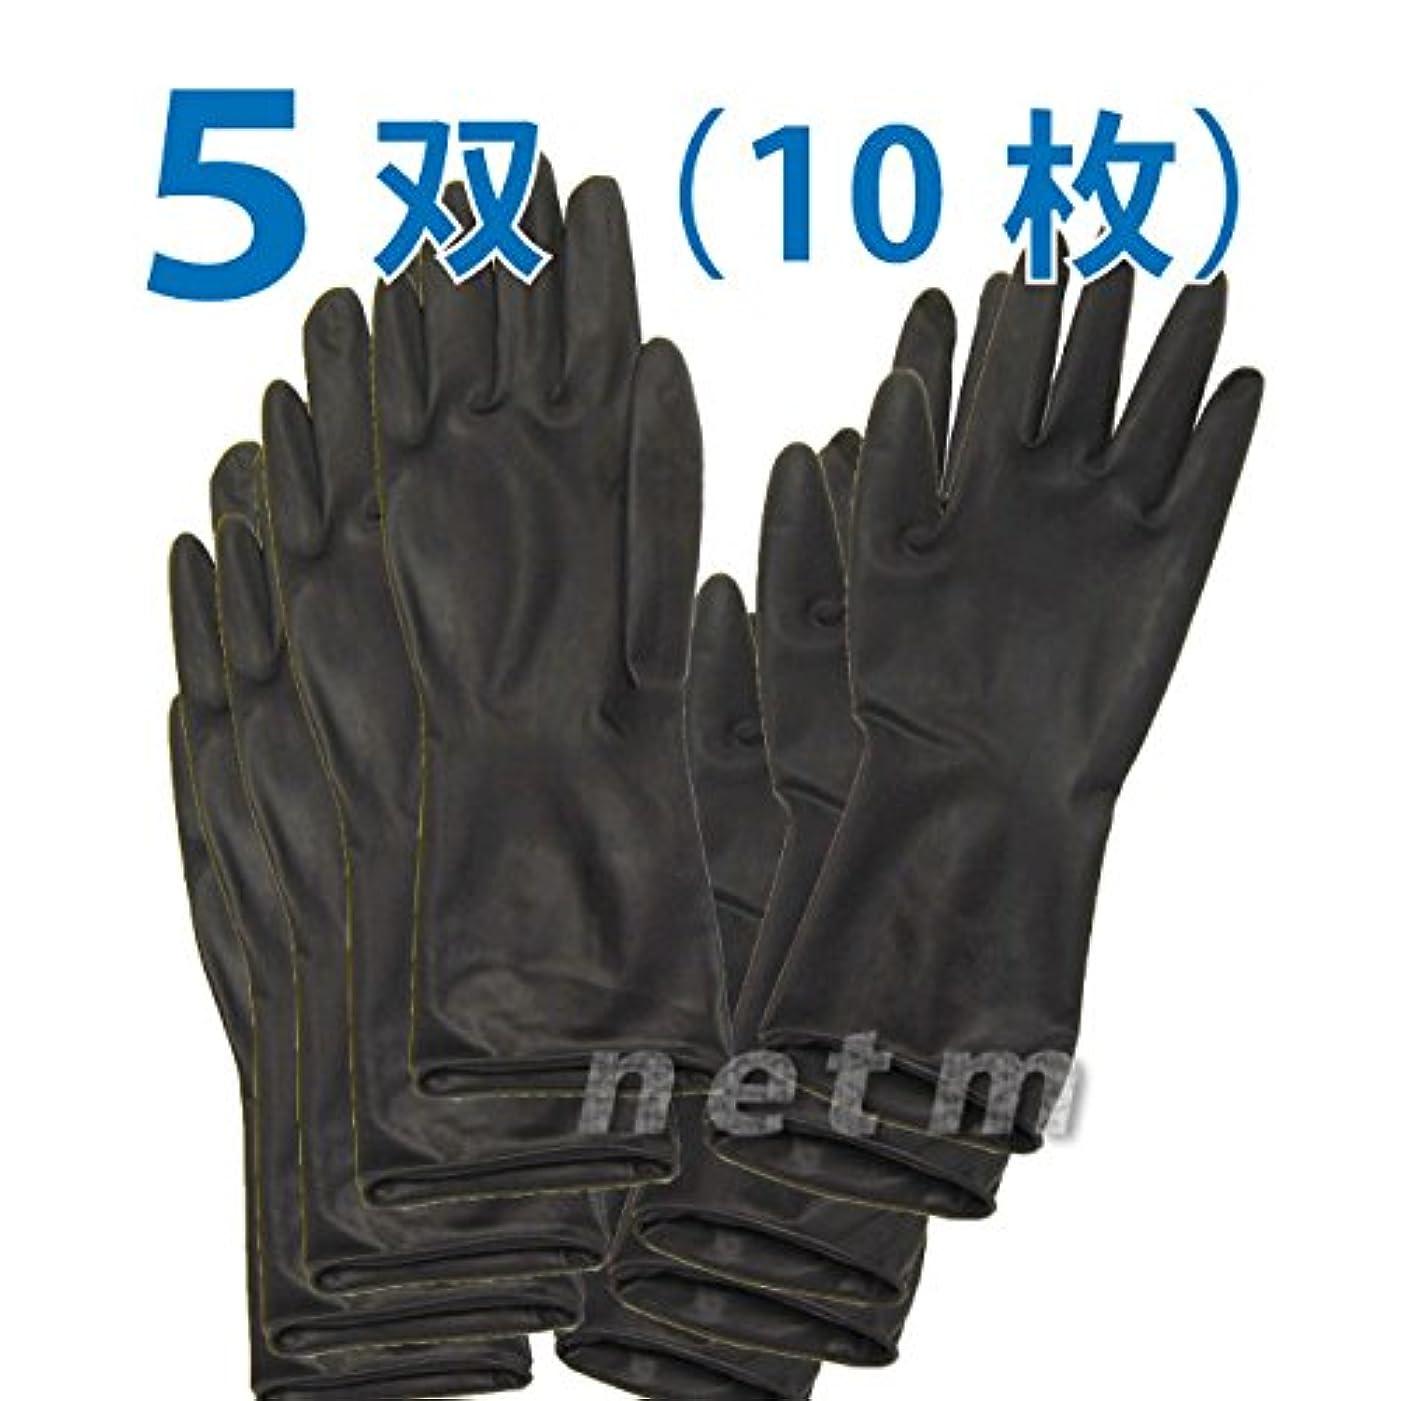 ワイドカンガルーカレンダーオカモト ブラックグローブ ロングタイプ Sサイズ  5双(10枚)